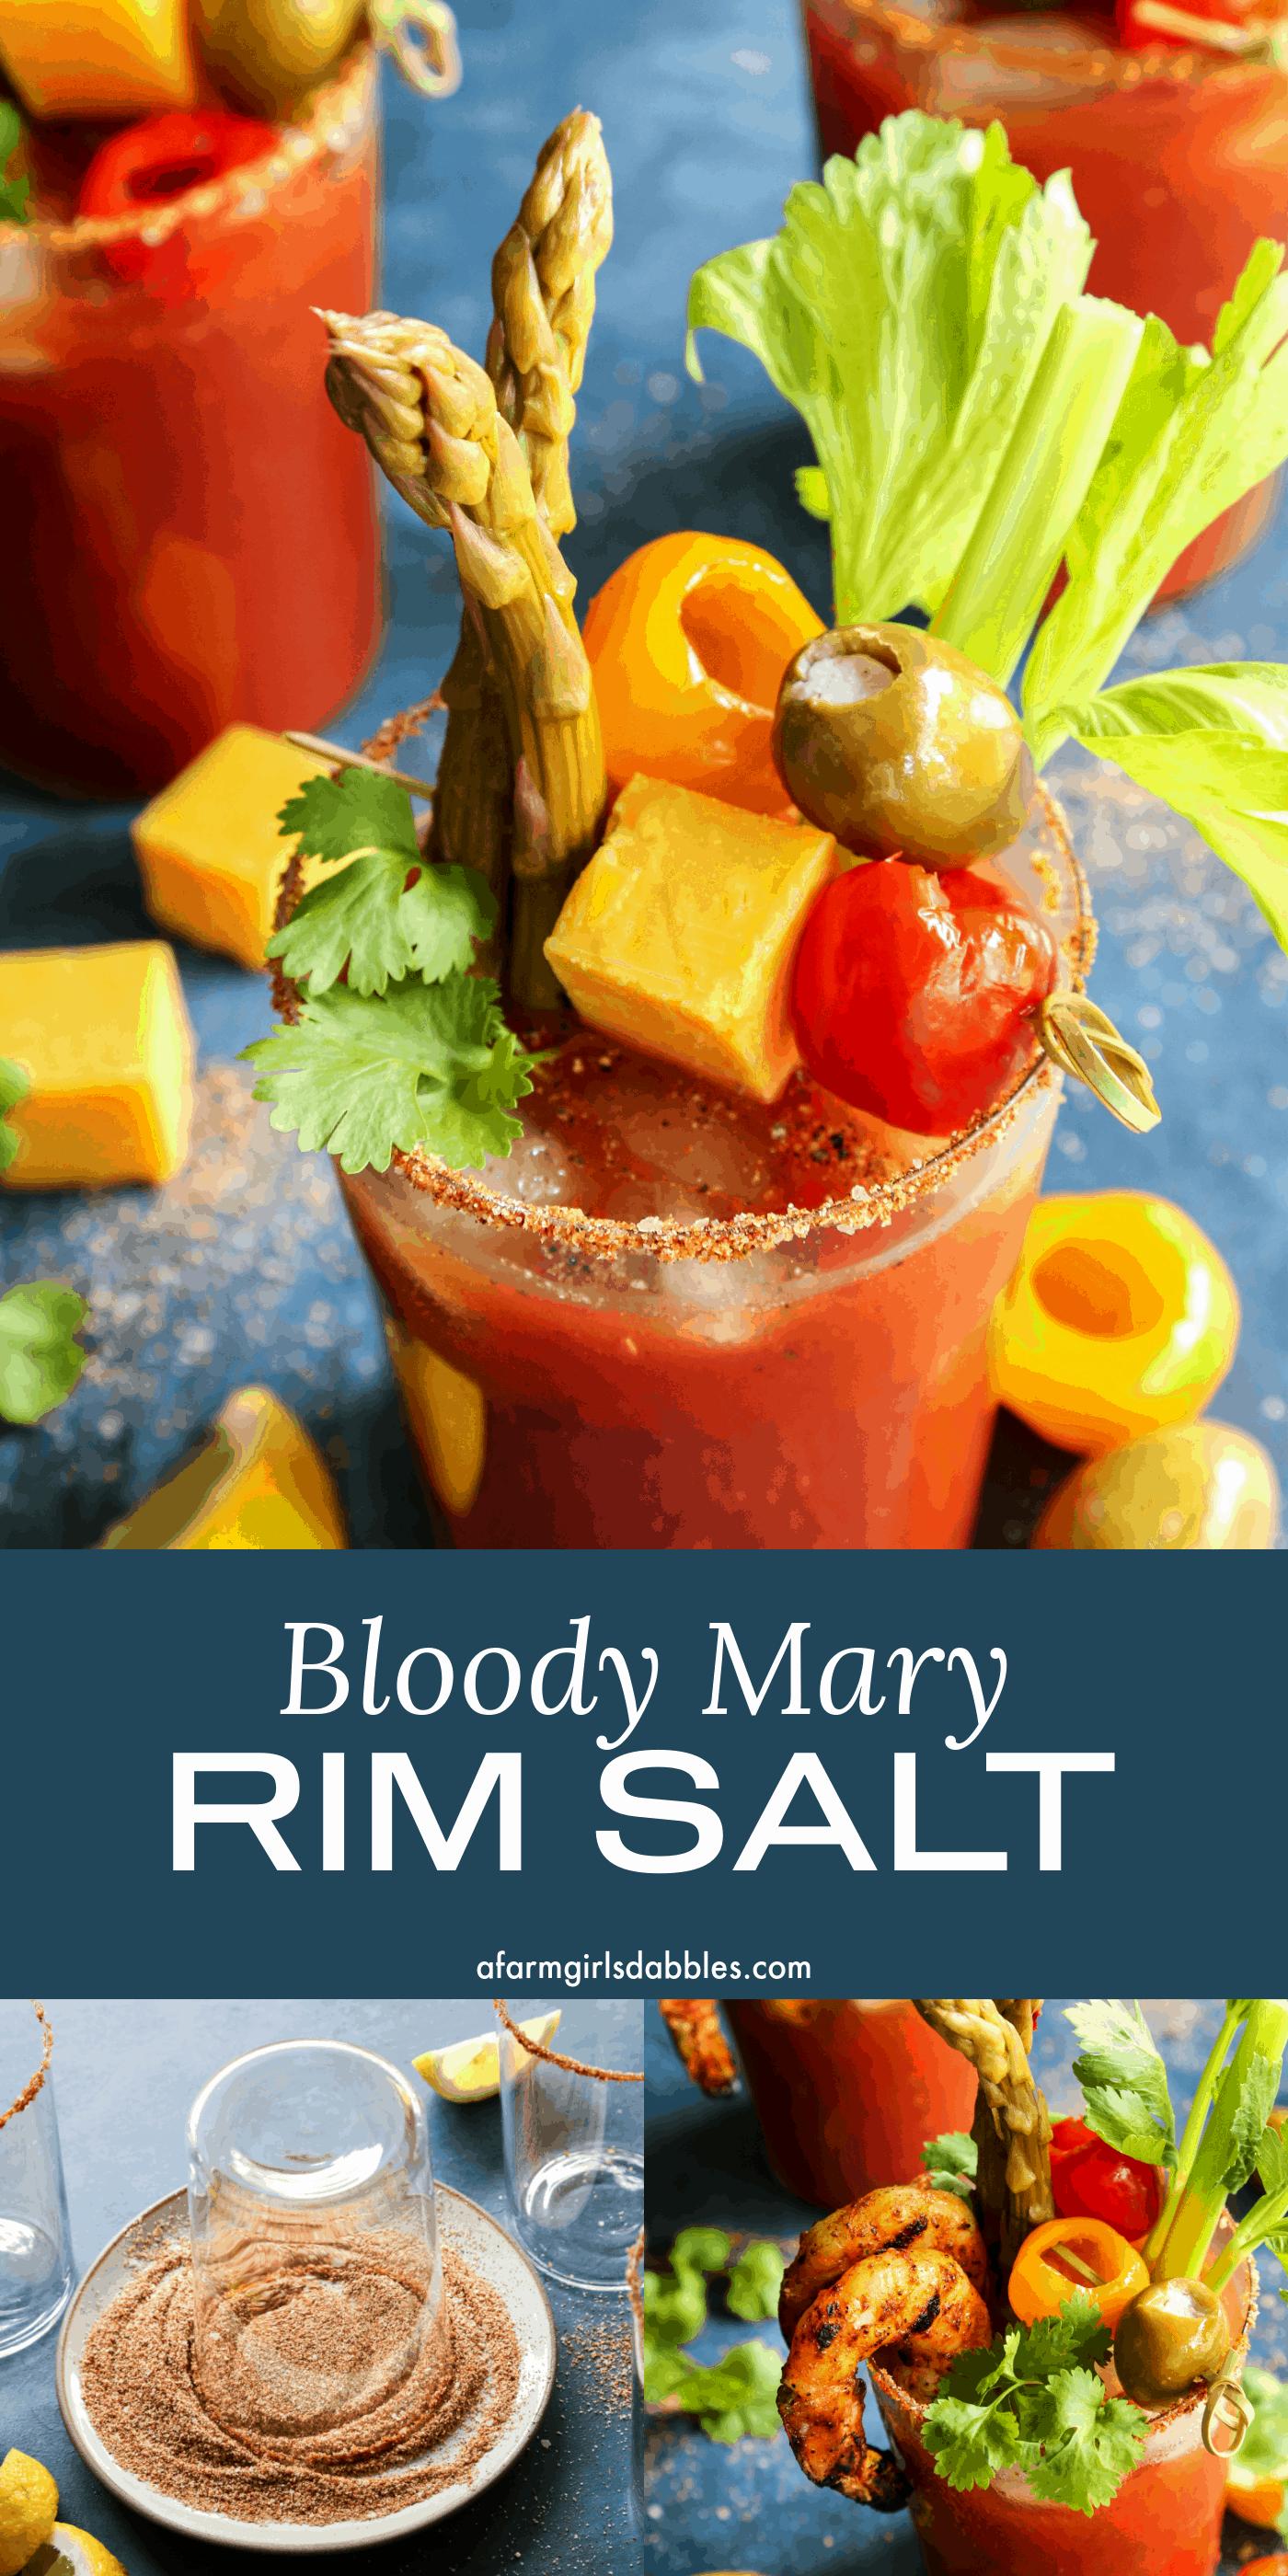 Pinterest image for bloody mary rim salt